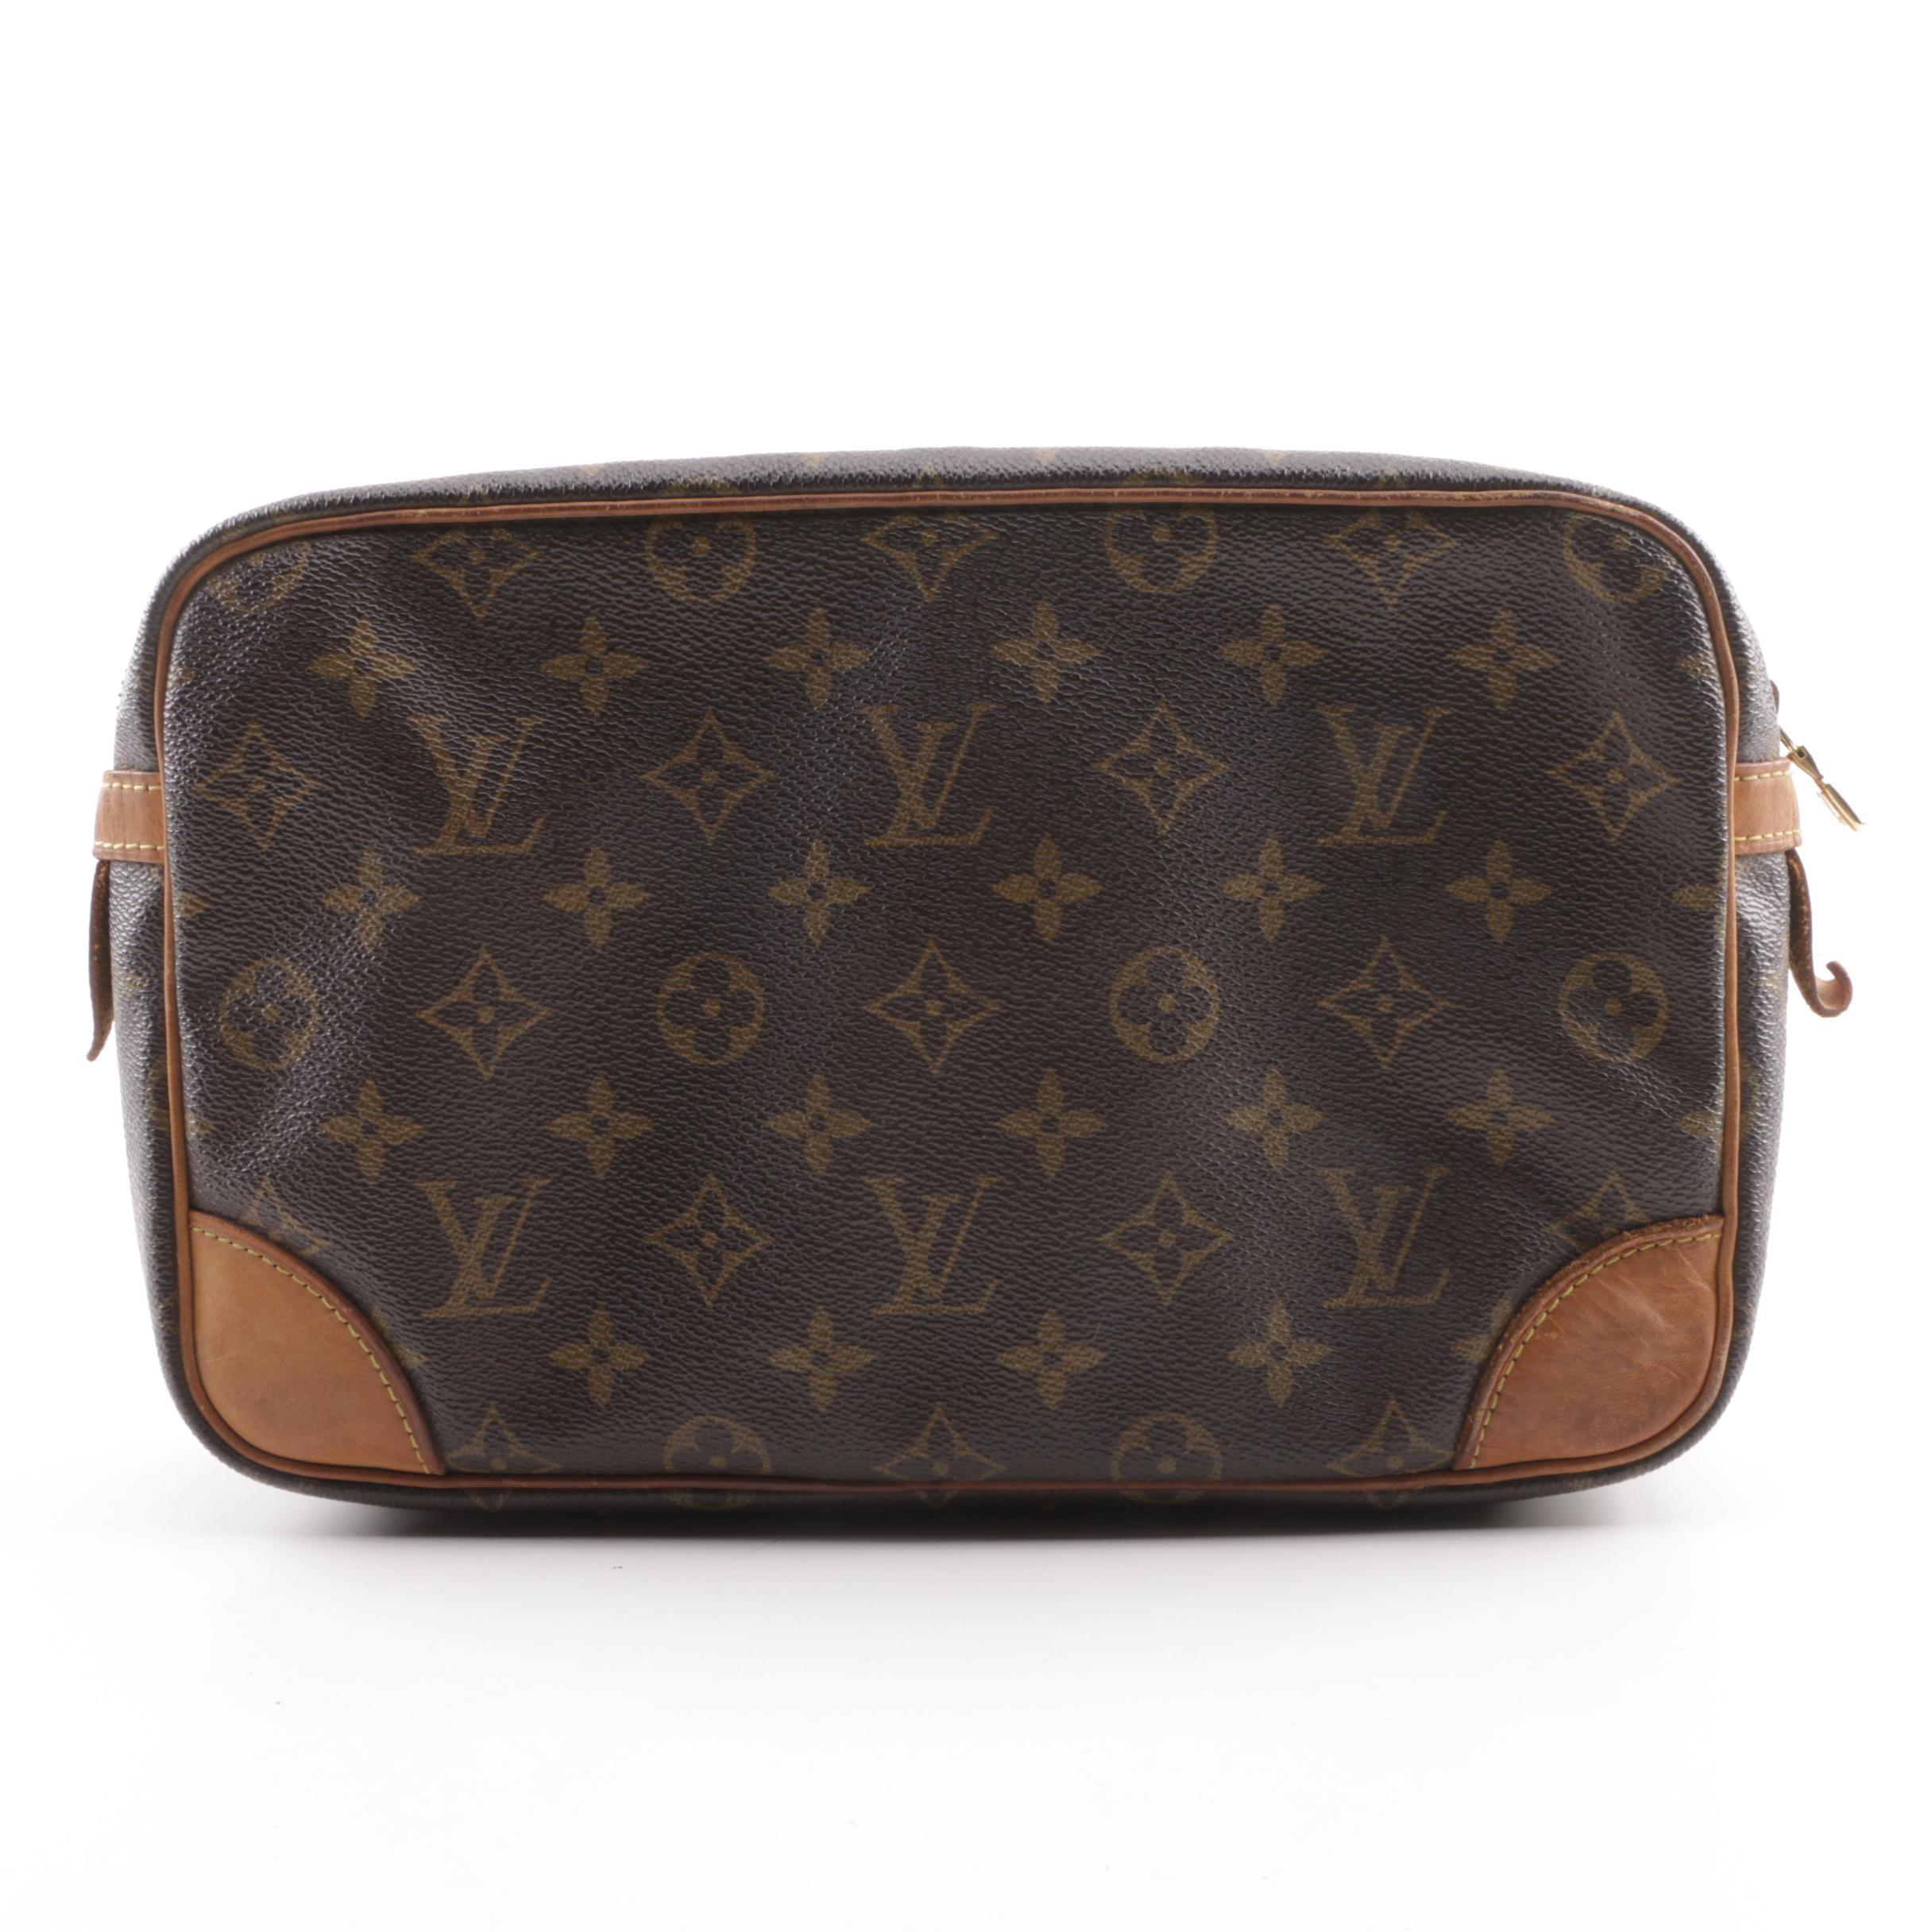 1990 Vintage Louis Vuitton Paris Compiegne Pochette Cosmetic Bag